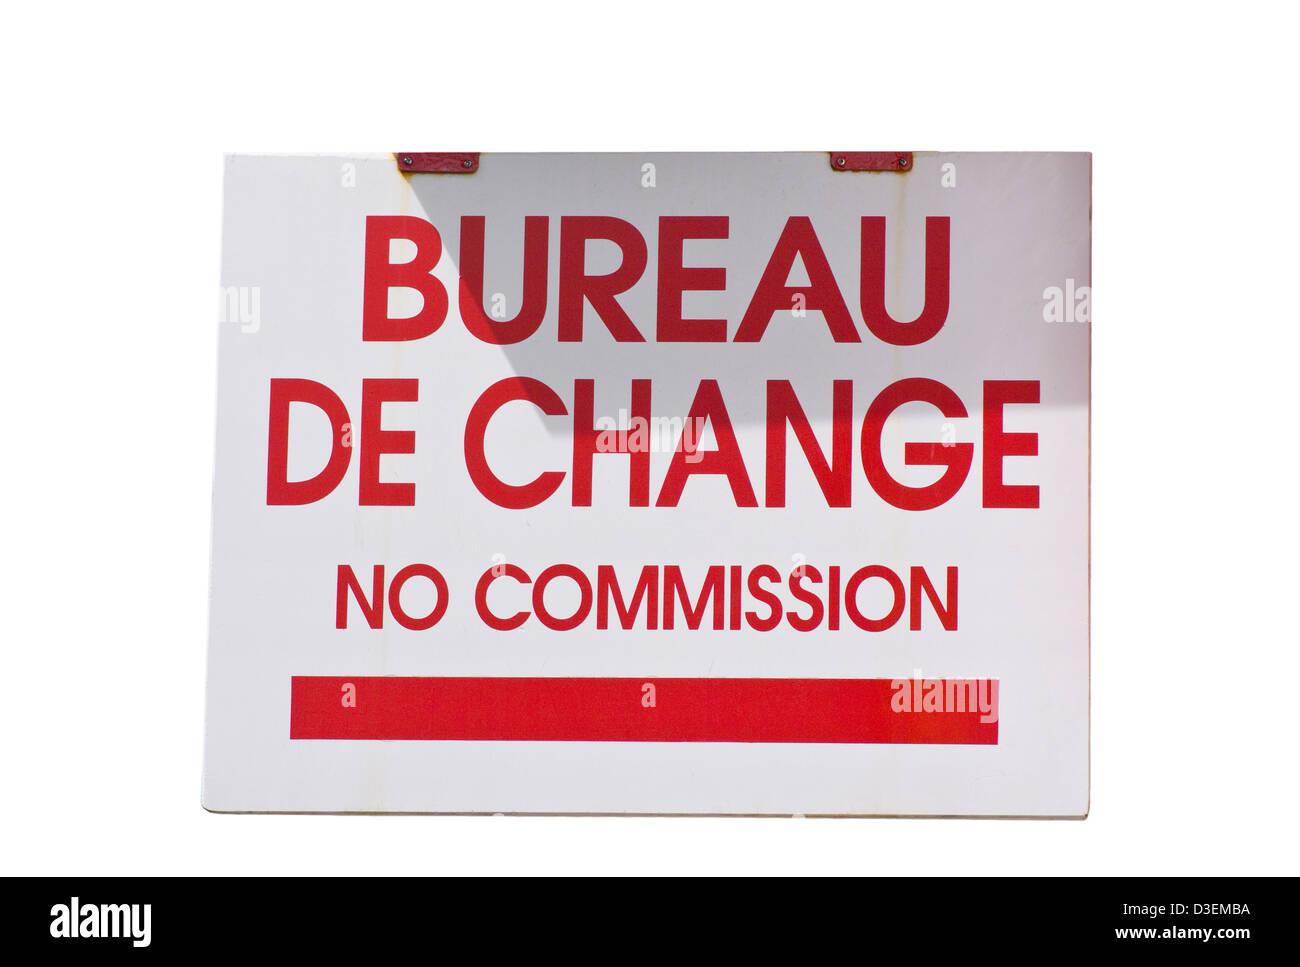 Bureau De Change No Commission Shop Sign Stock Photo Alamy